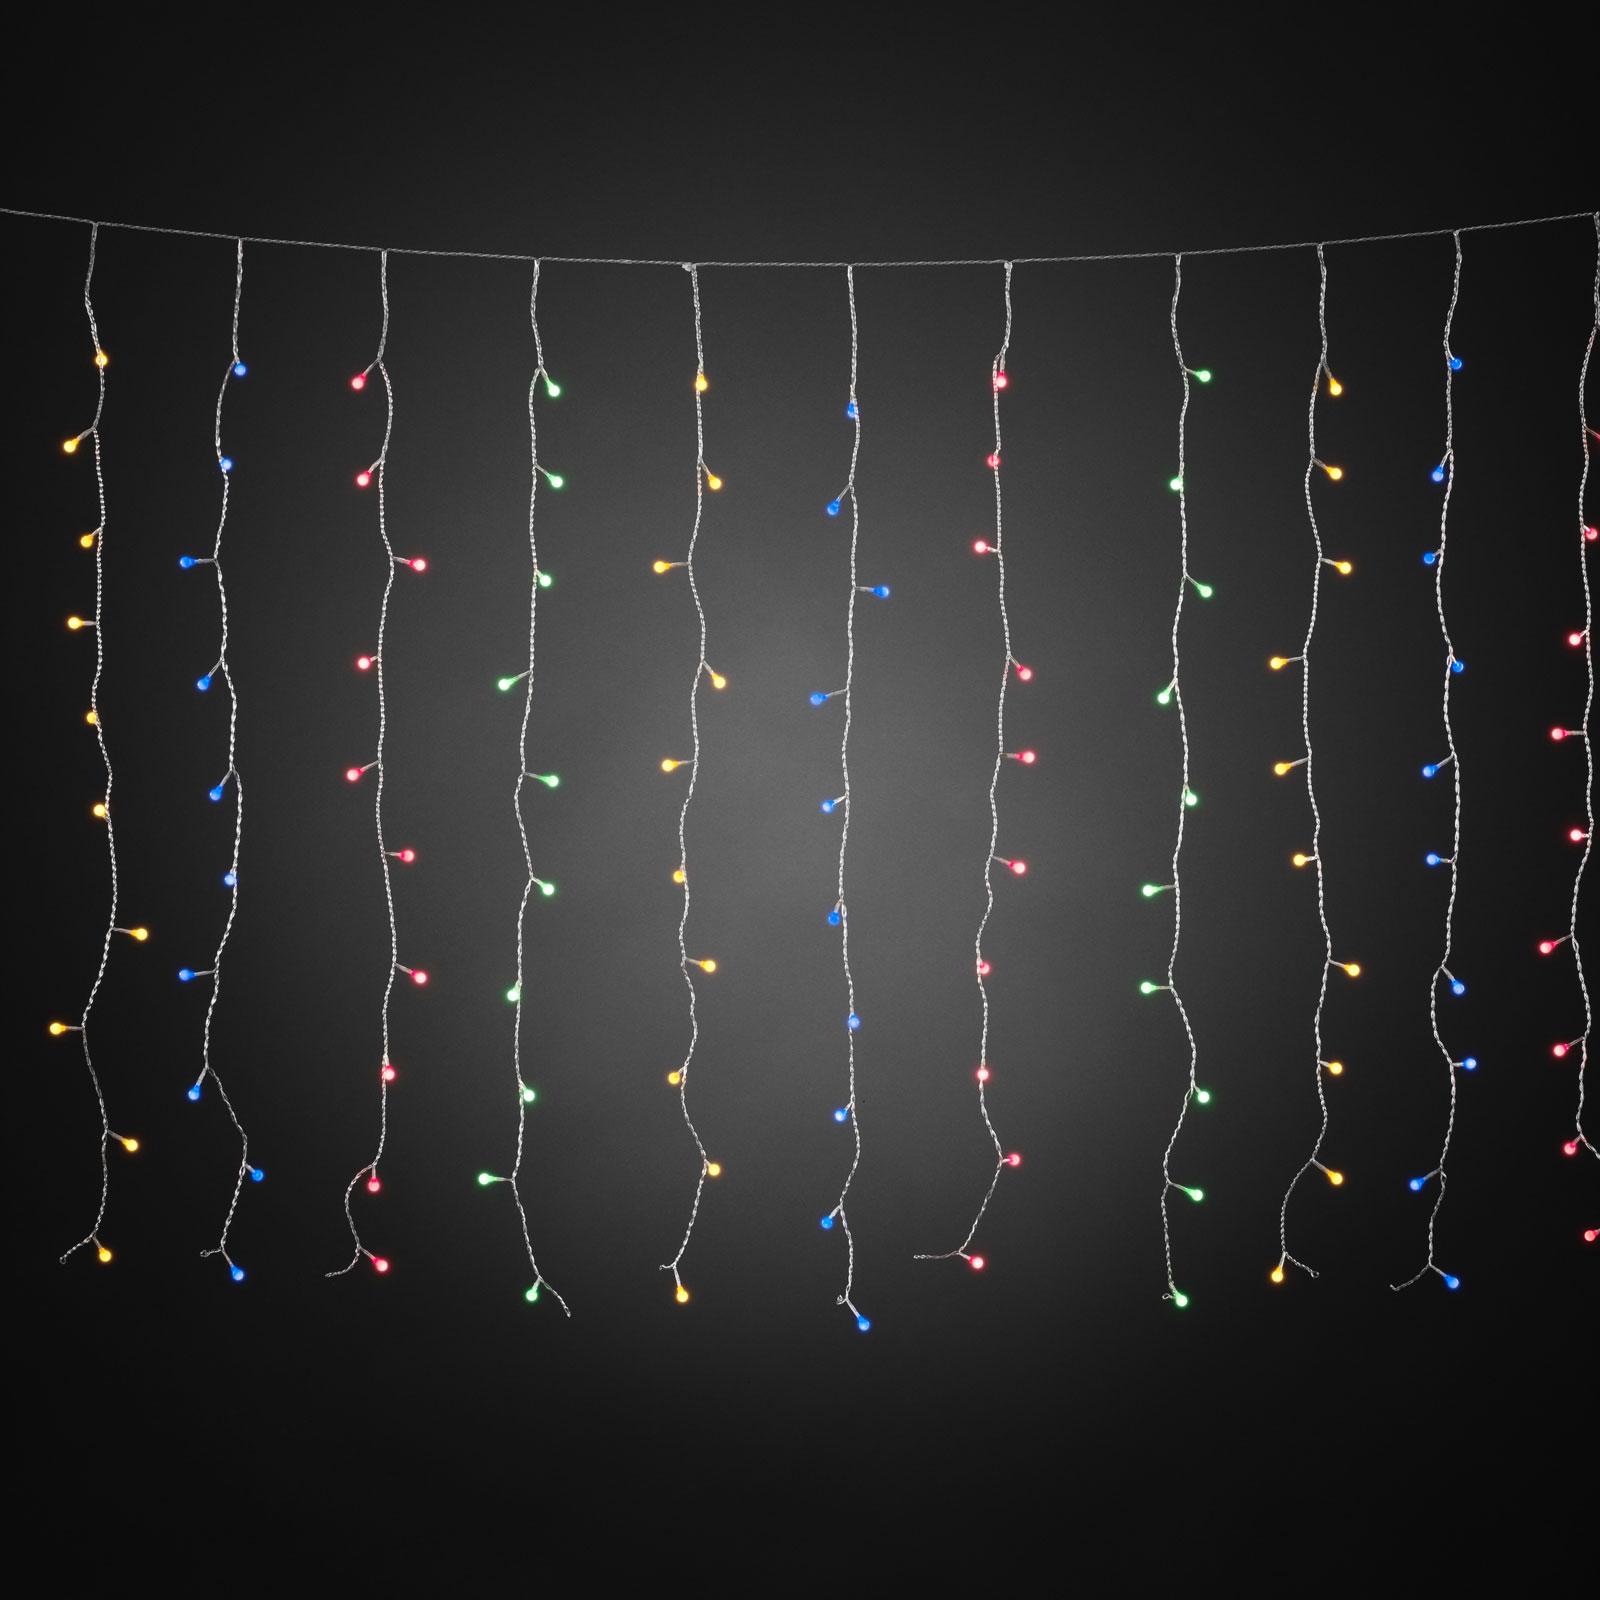 Kurtyna świetlna LED z kolorowymi kulami, 400-pkt.